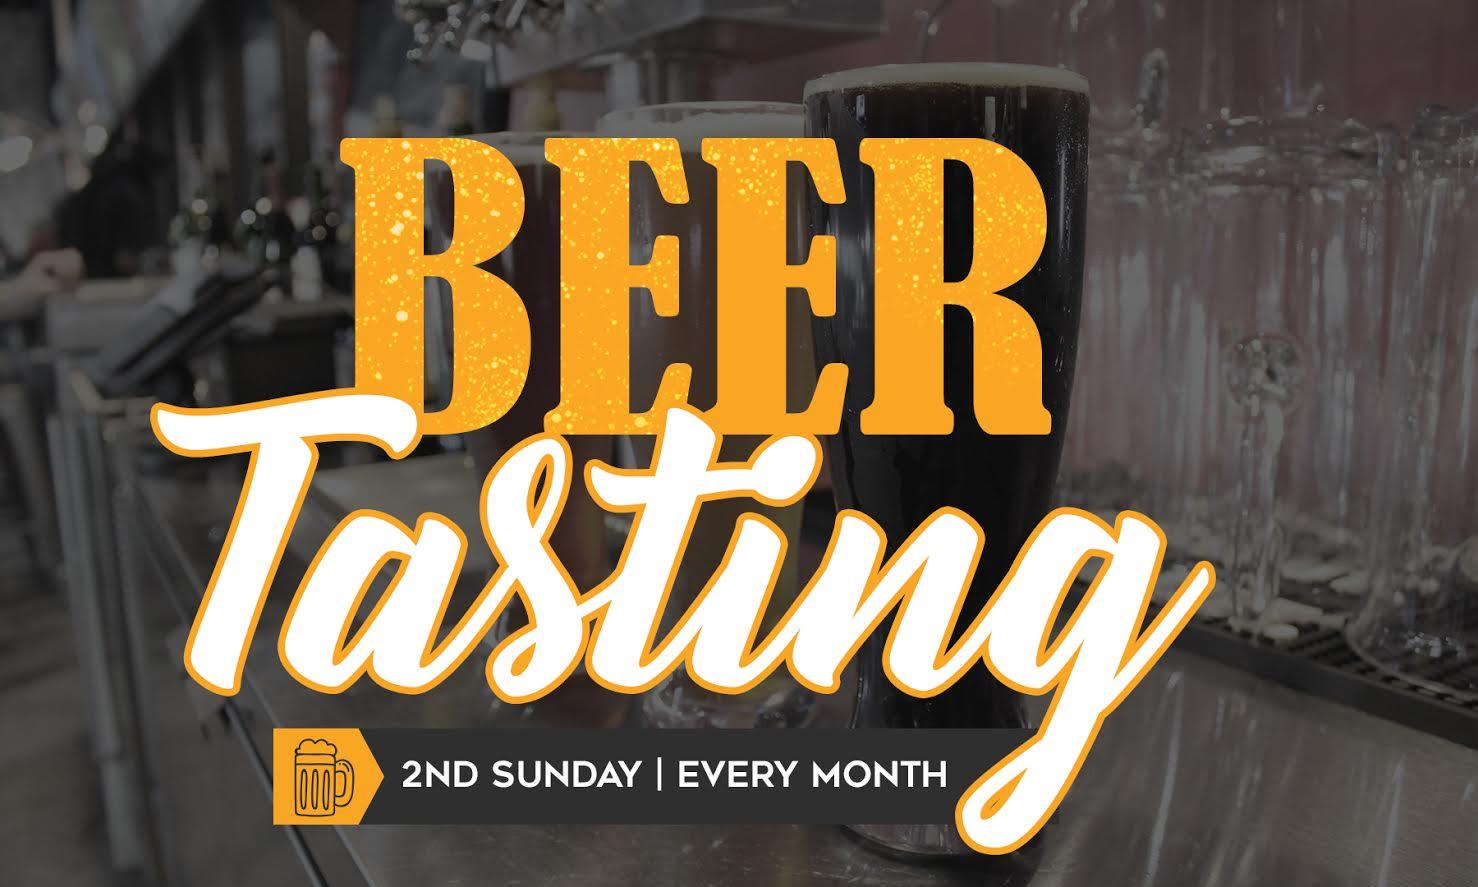 Free Beer Tastings monthly